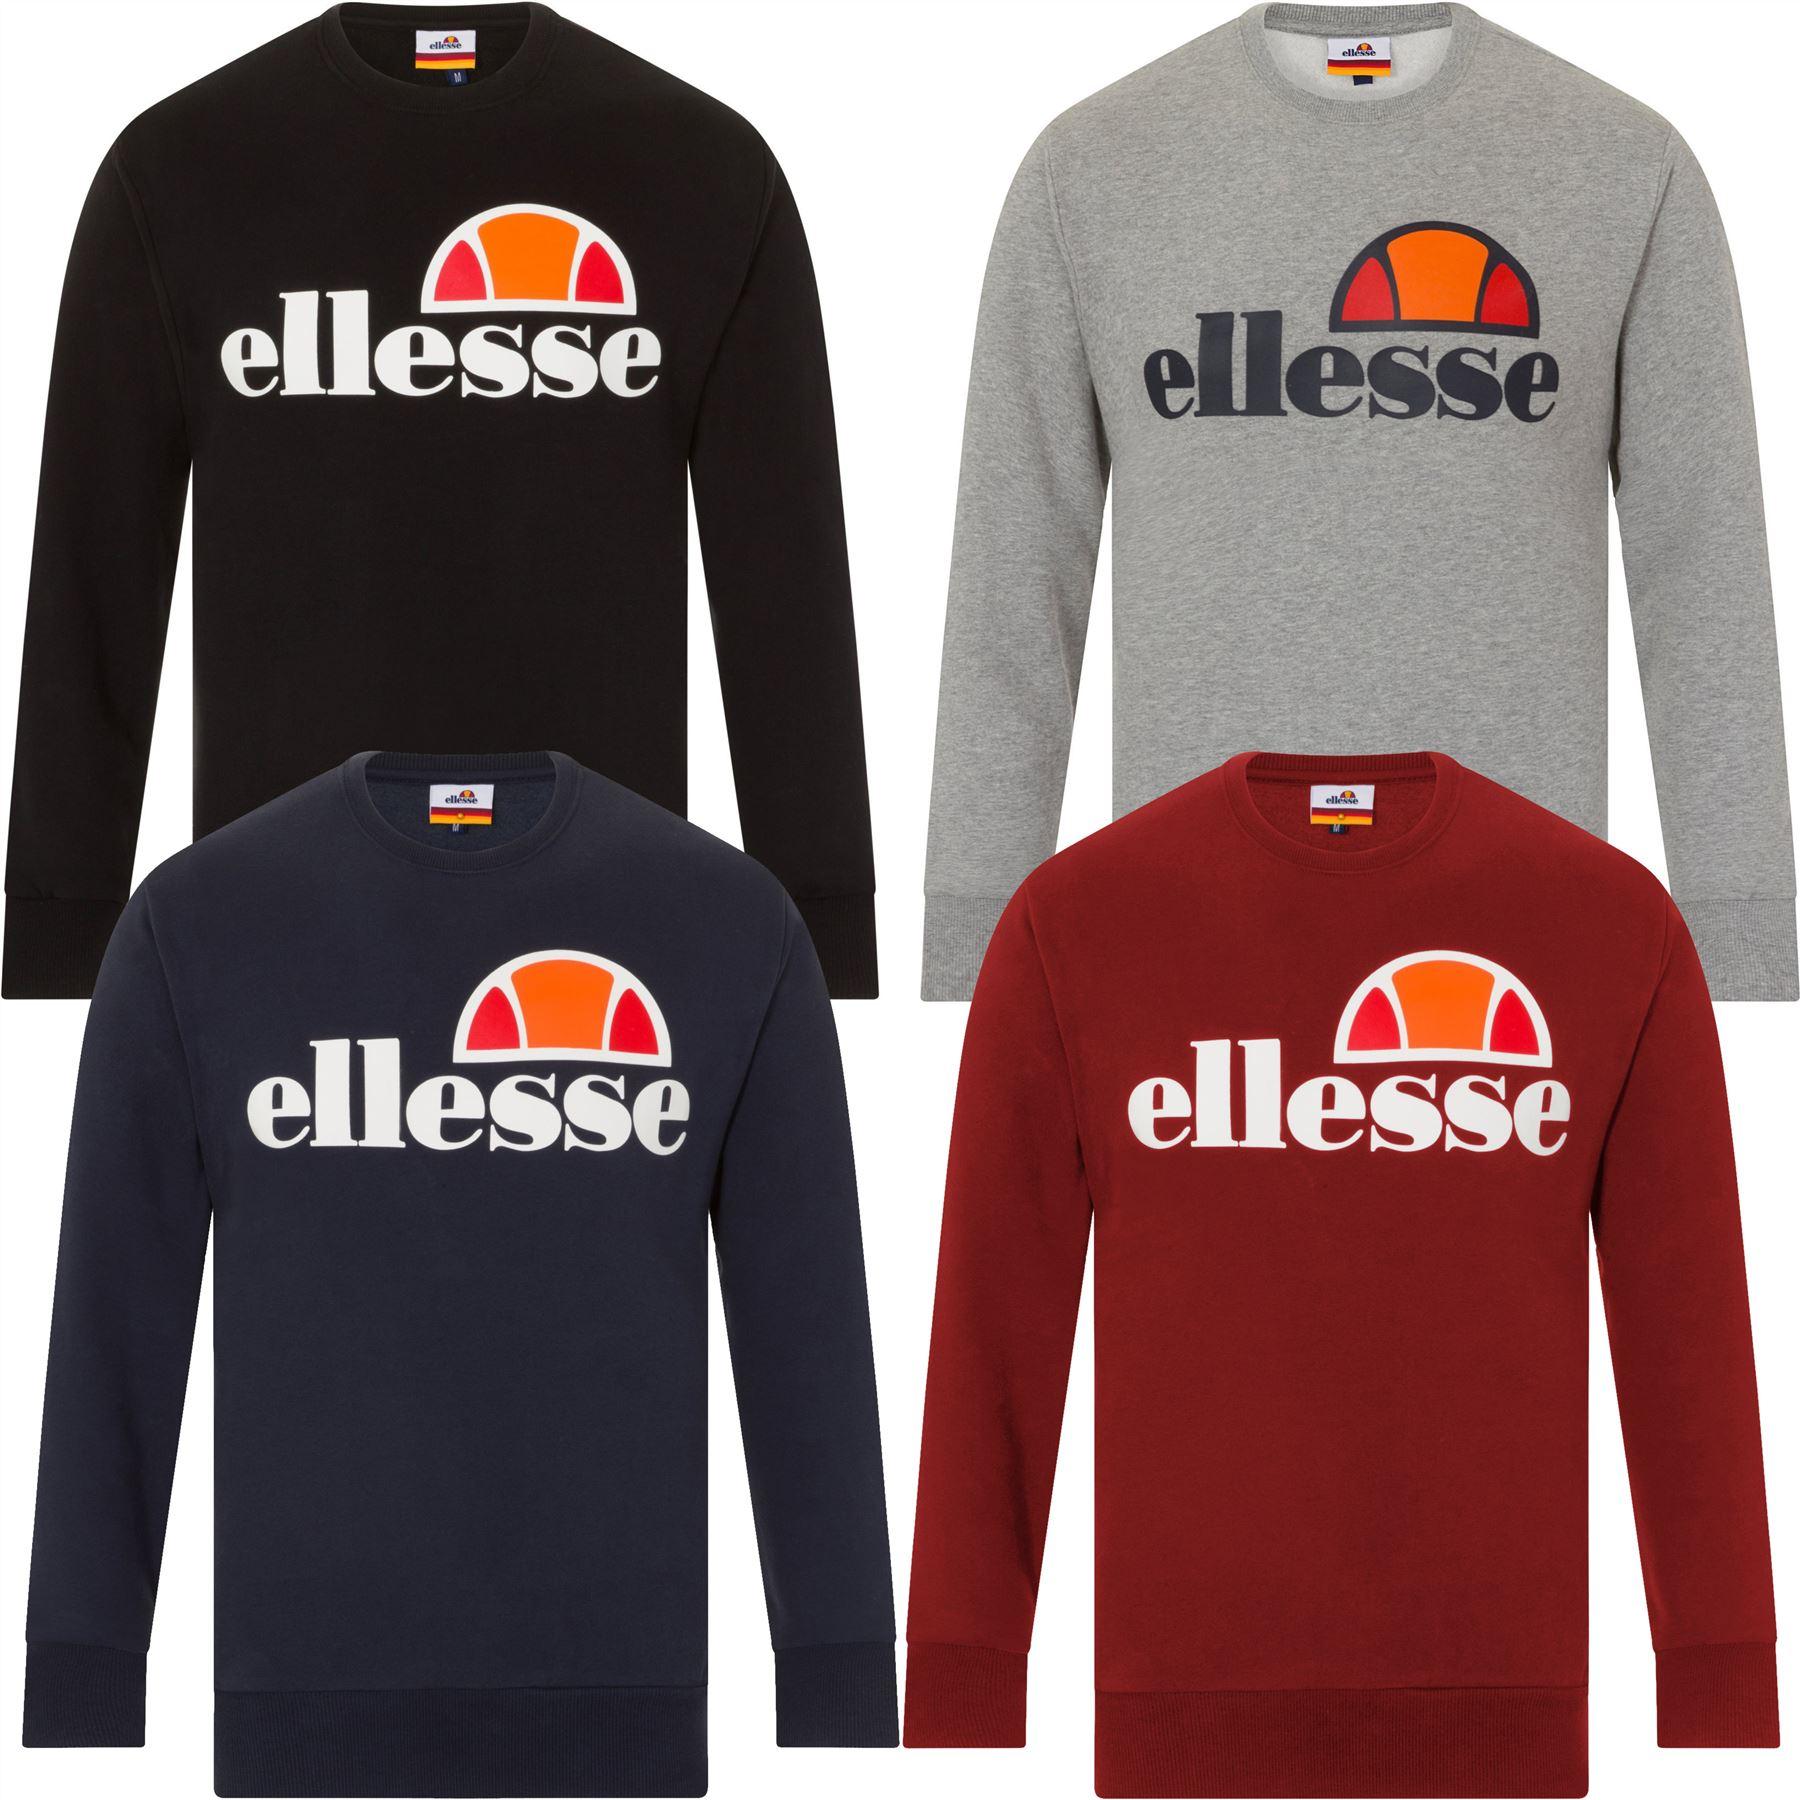 New Men/'s Ellesse Crew Neck Smash Sweatshirt Top Burgundy Size XXL RRP£45